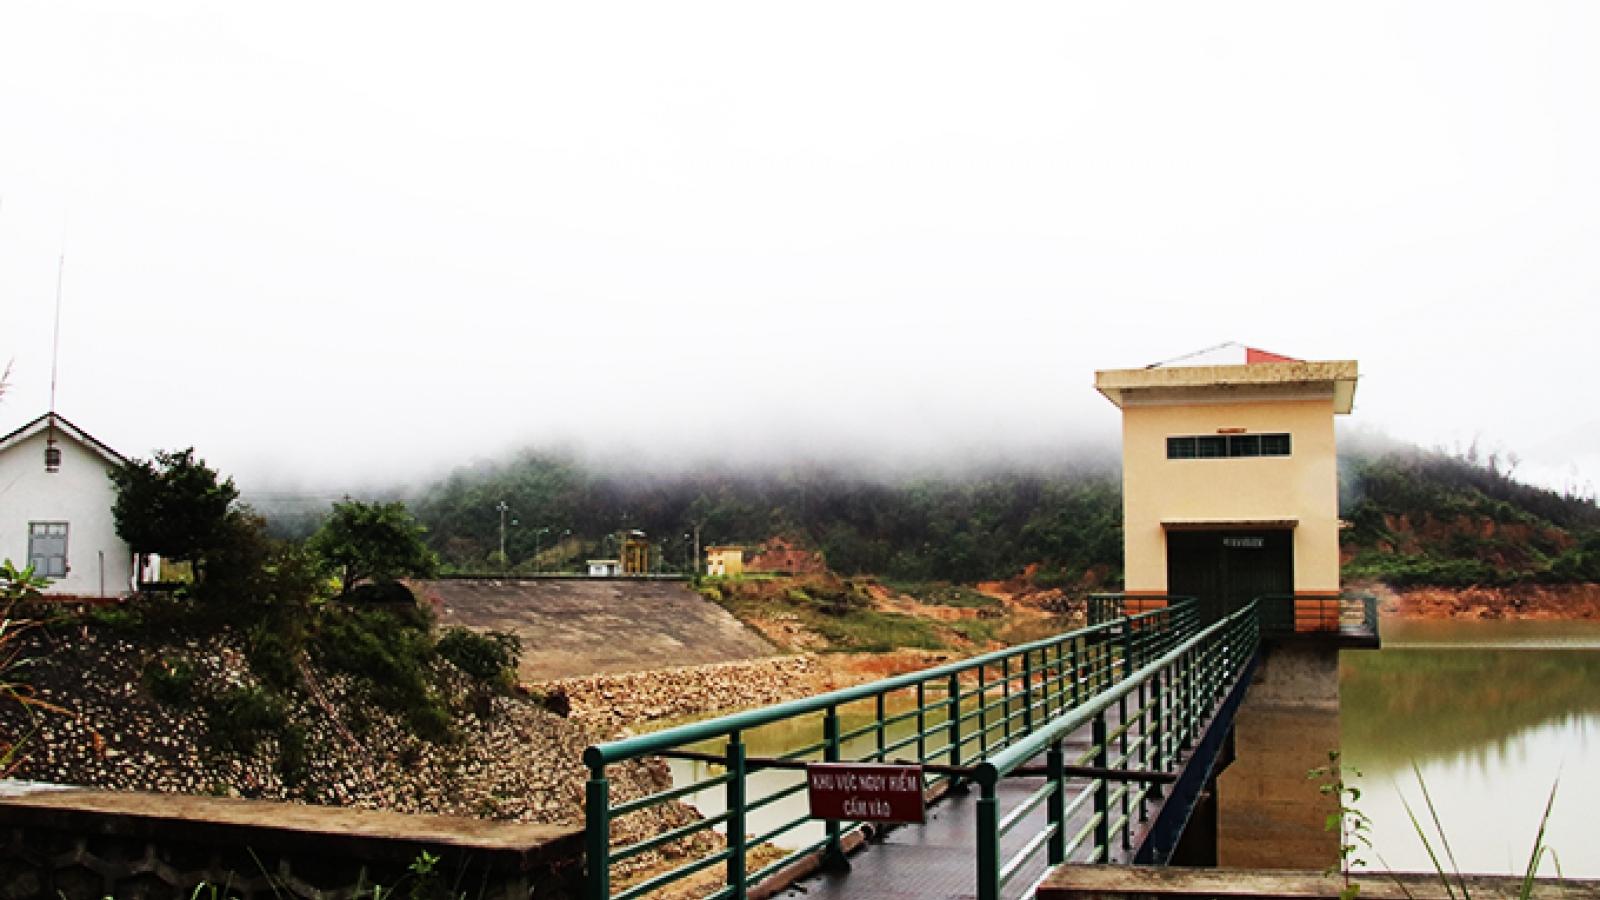 Tỉnh Khánh Hòa quyết định dừng phát triển các dự án thủy điện vừa và nhỏ